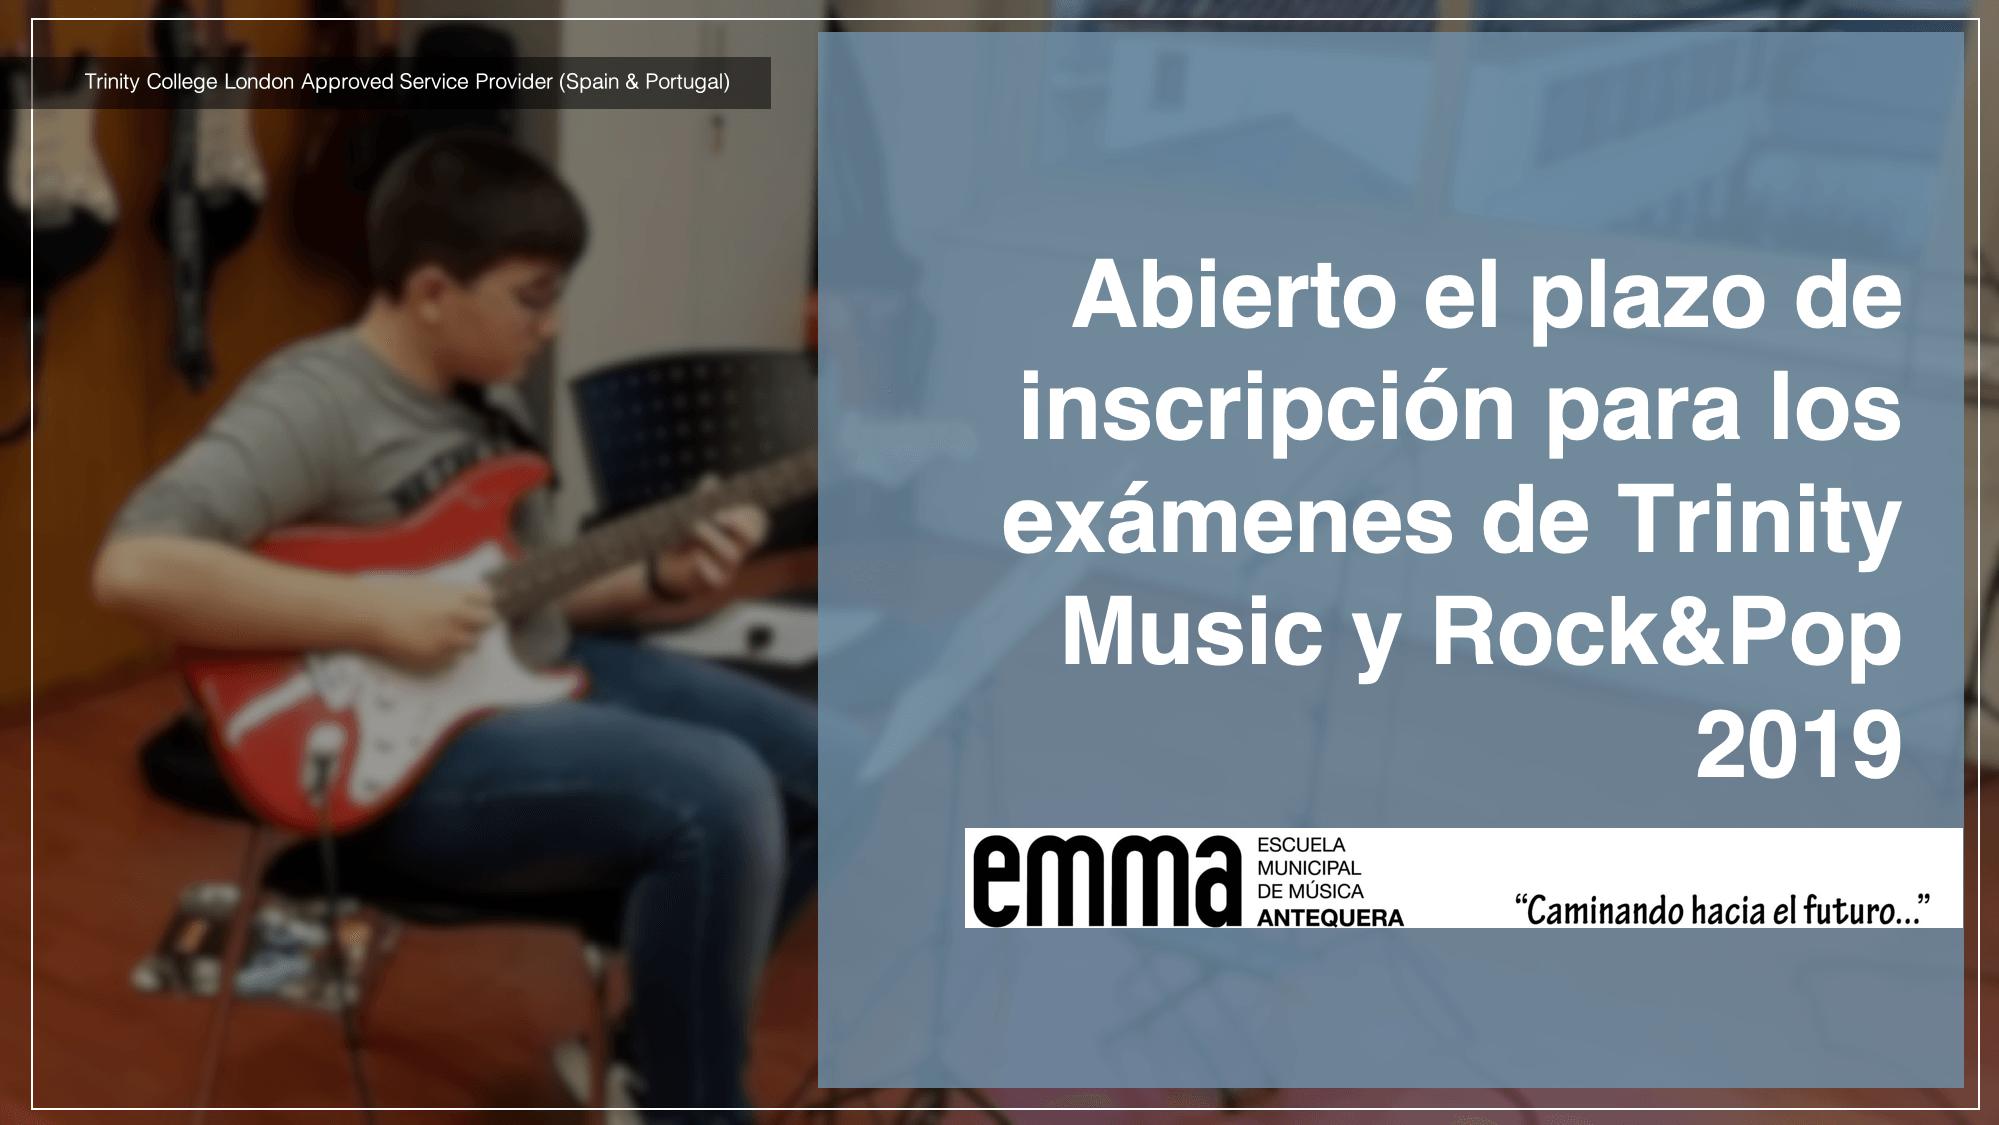 Abierto el plazo de inscripción para los exámenes de Trinity Music y Rock&Pop 2019